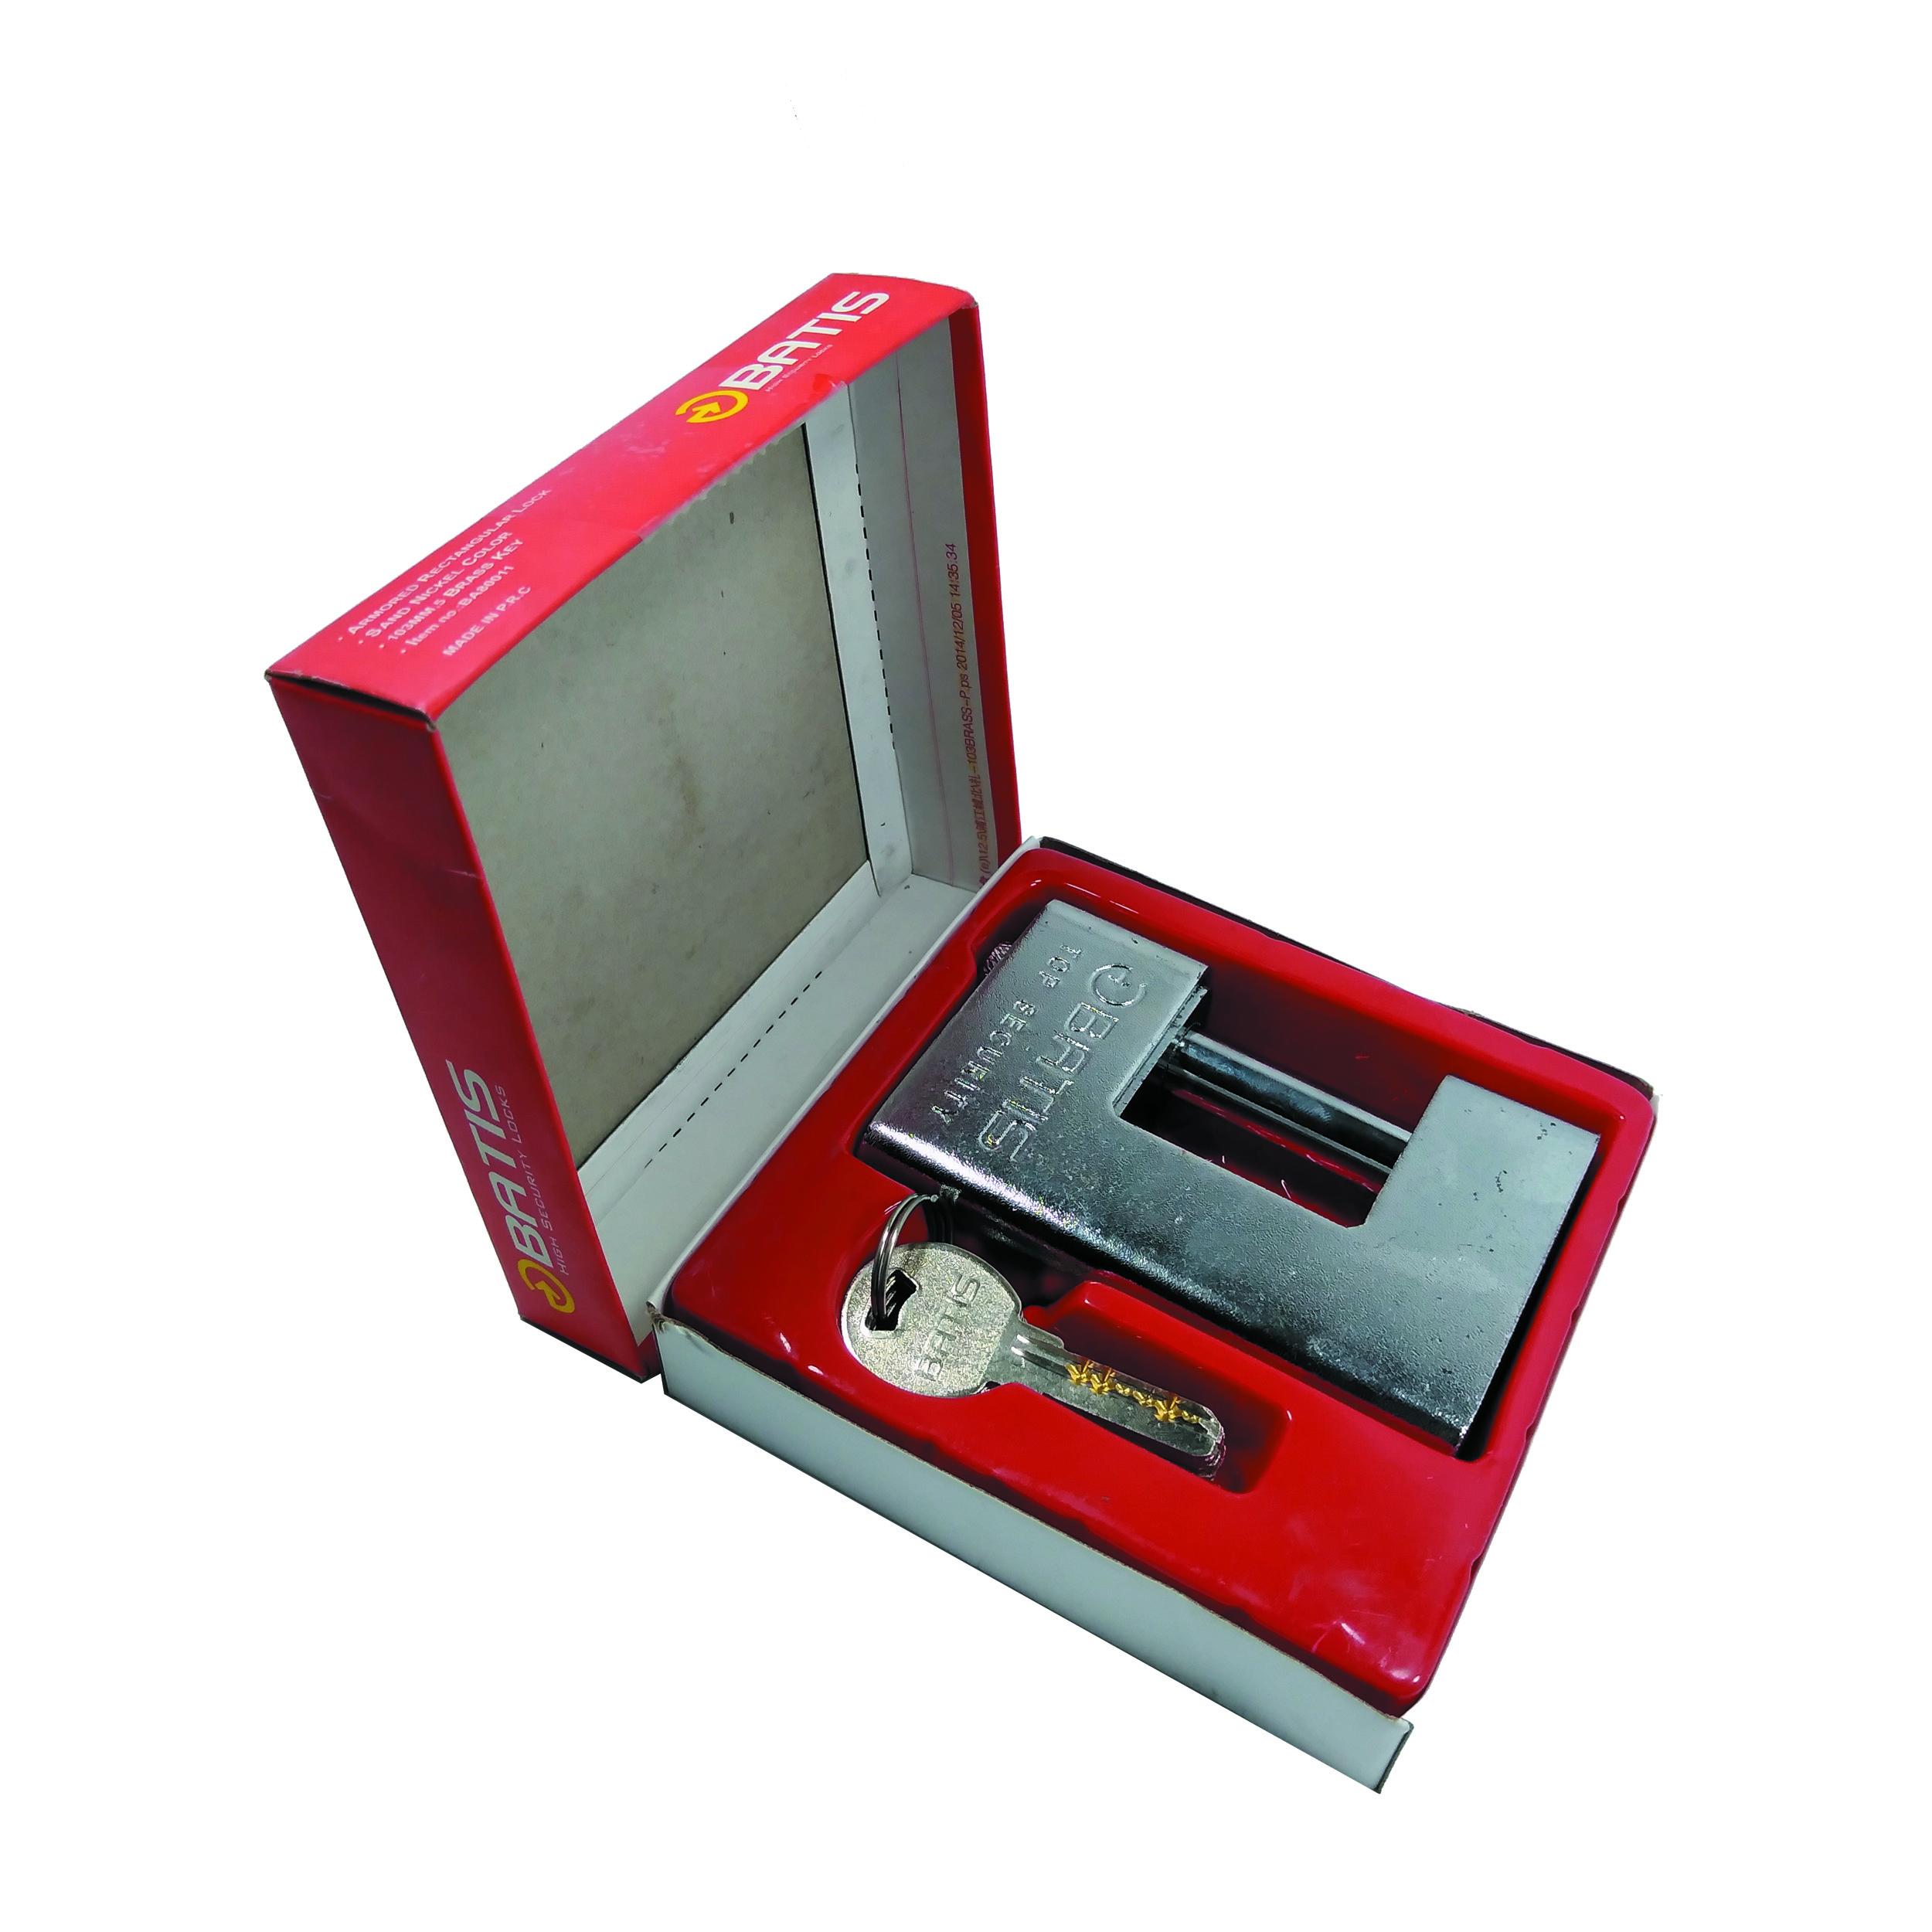 قفل کتابی باتیس مدل T103